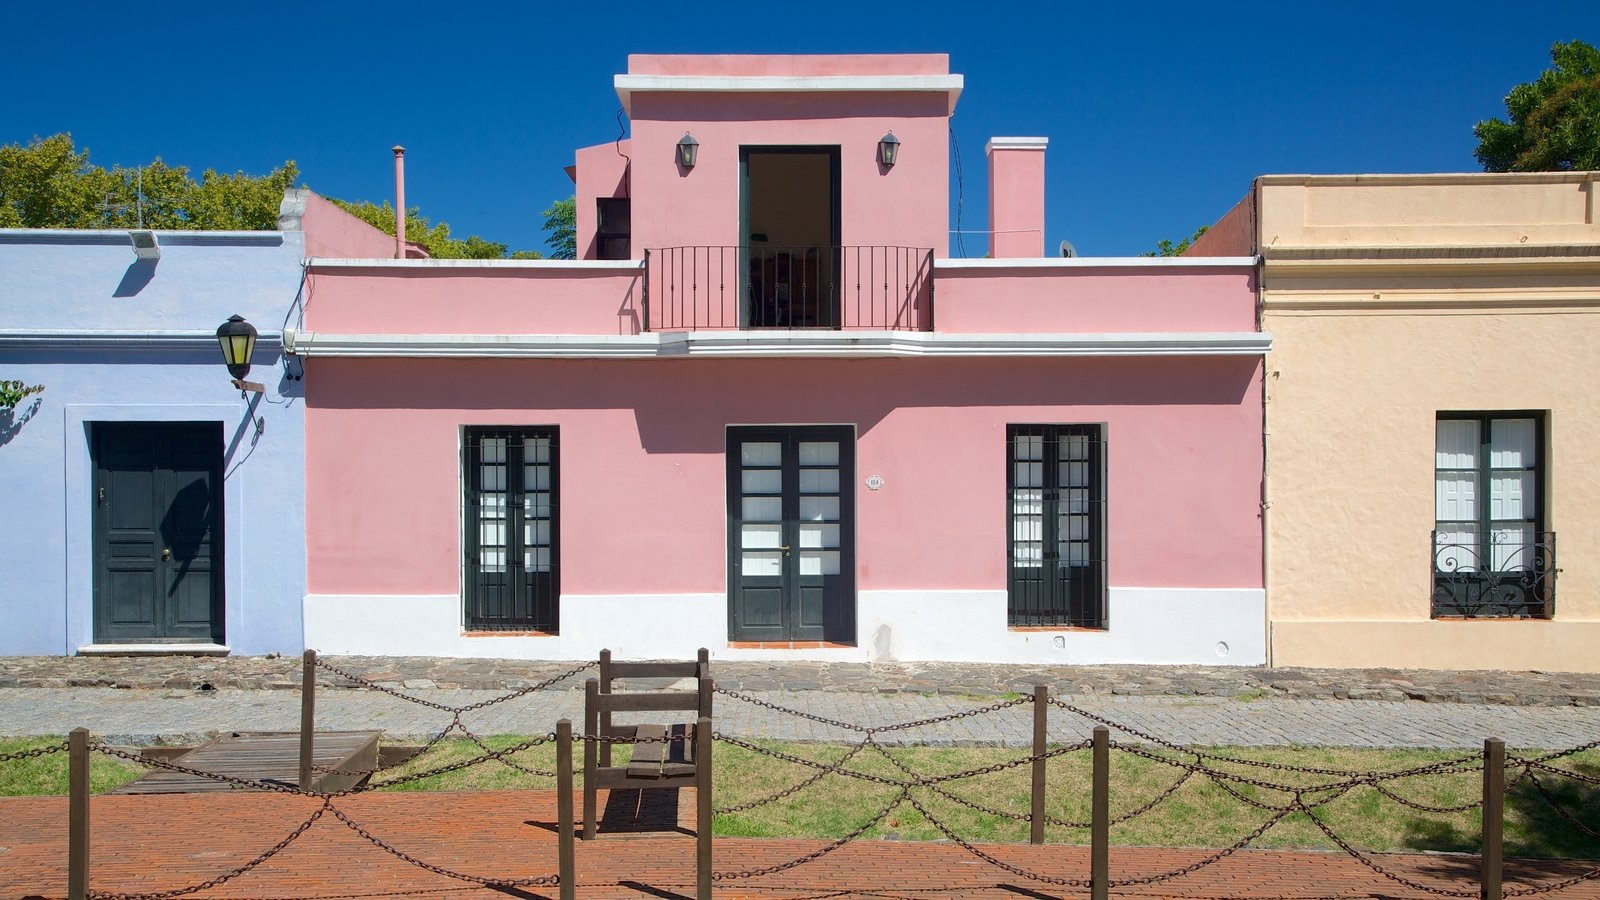 Colonia del Sacramento Plaza de Armas que inclui uma casa